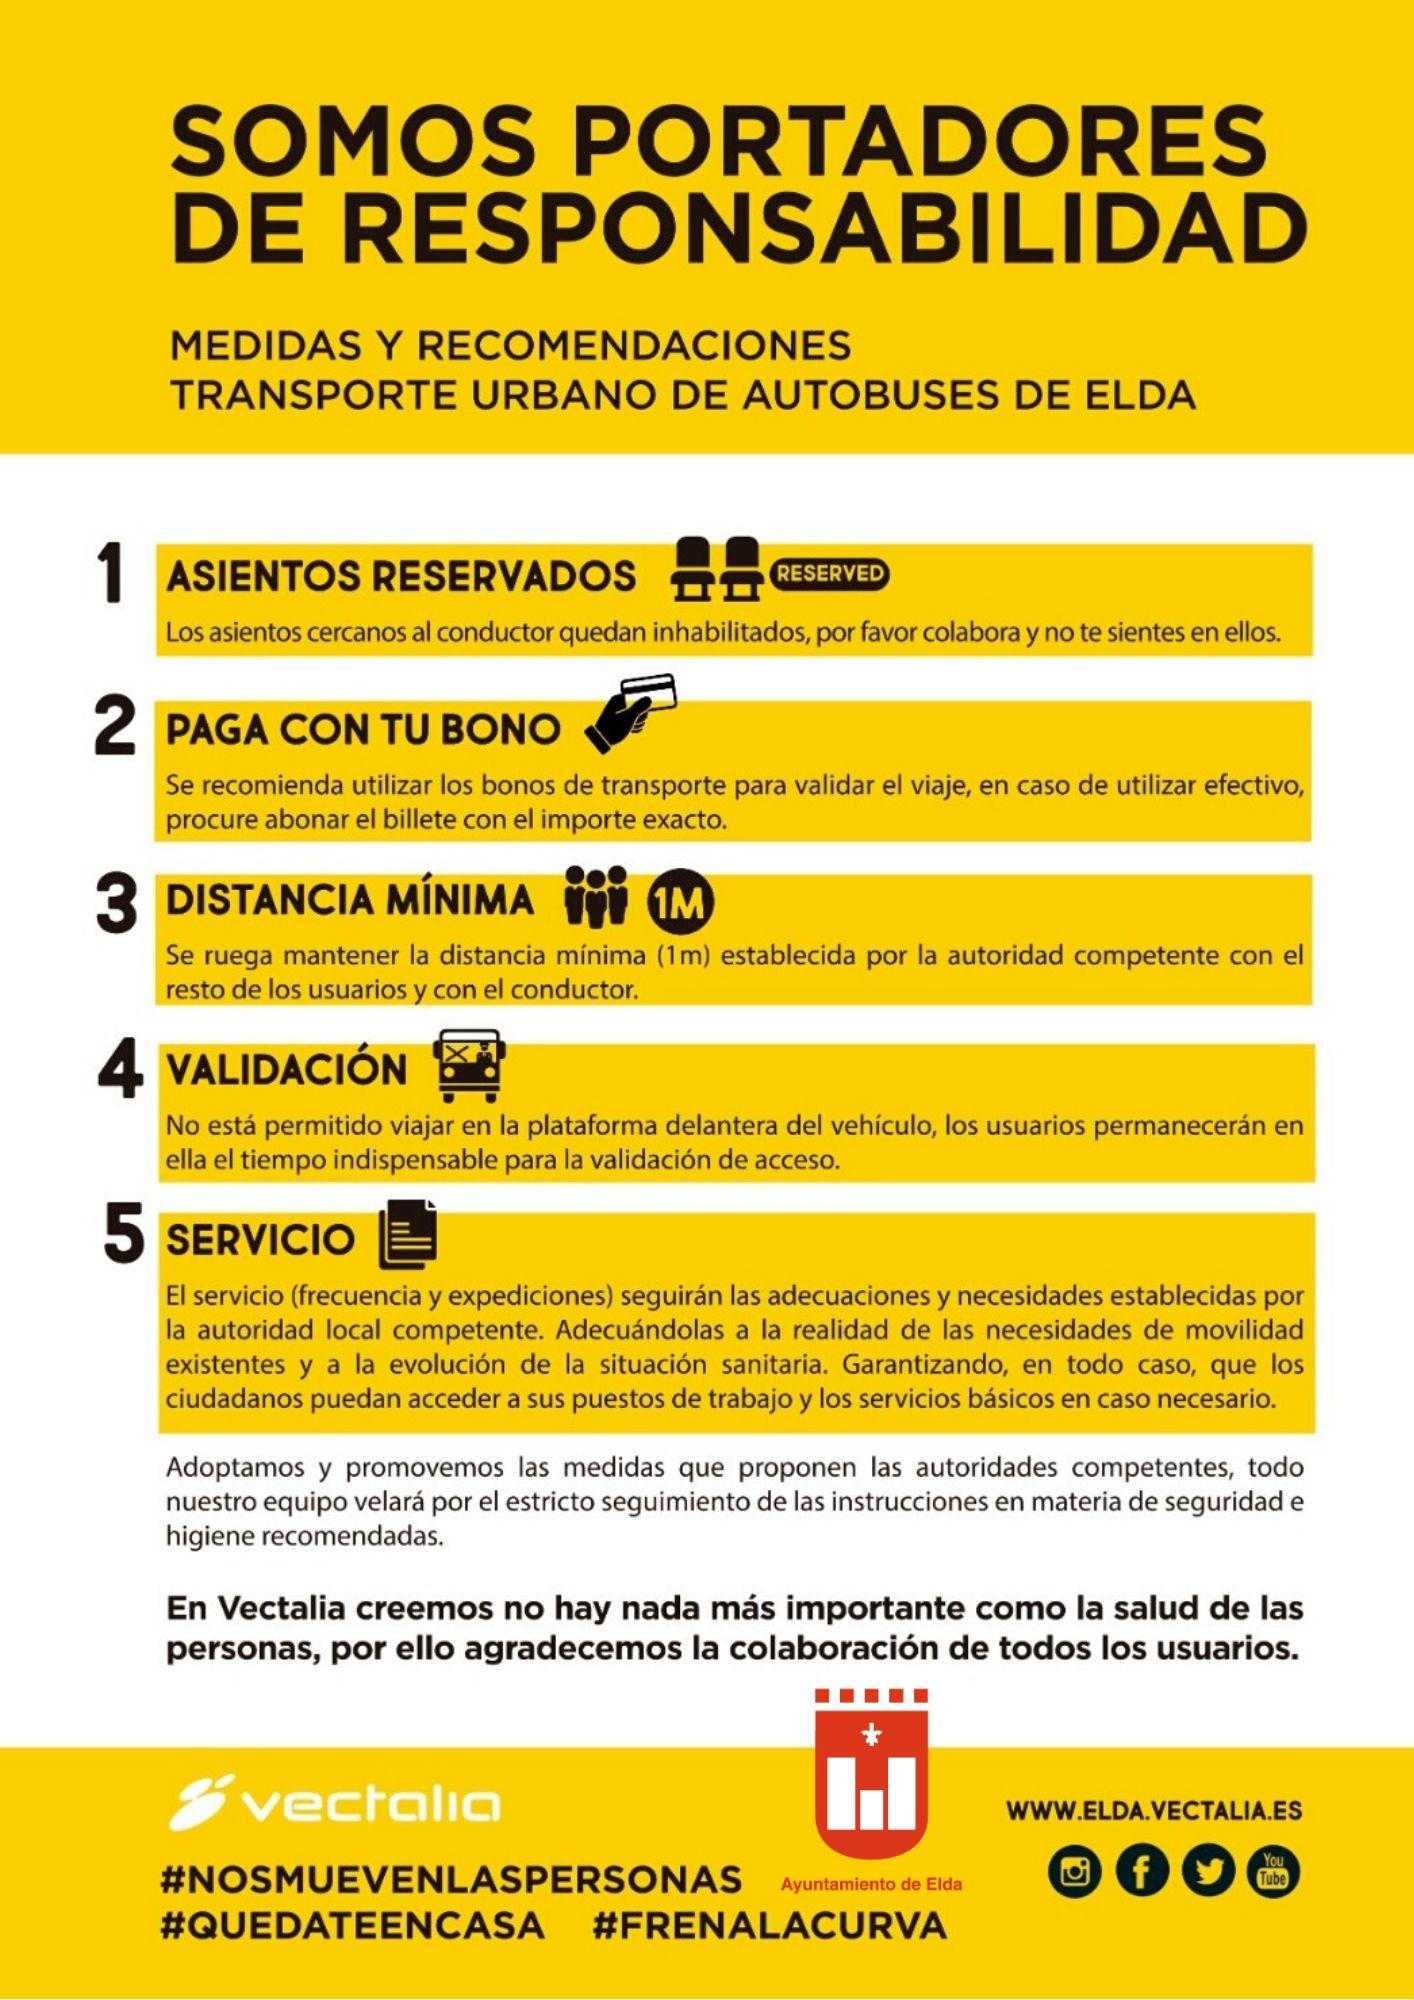 El Ayuntamiento de Elda mantiene el servicio de autobuses urbanos y adapta los horarios a la declaración del estado de alarma